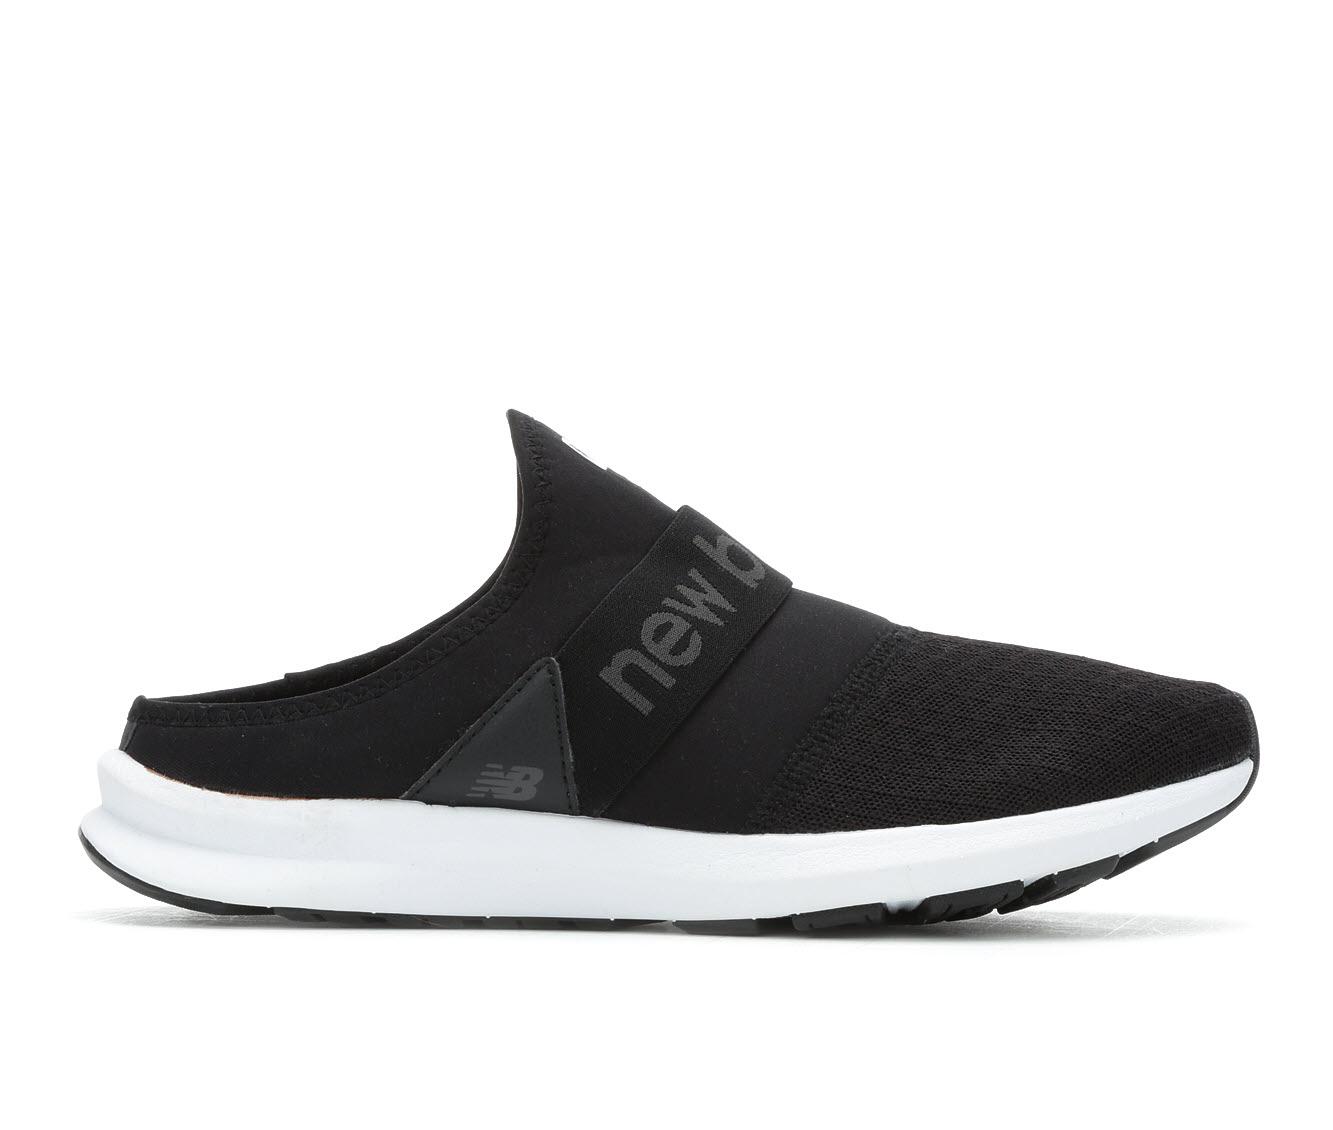 New Balance Nergize Mule Women's Athletic Shoe (Black)